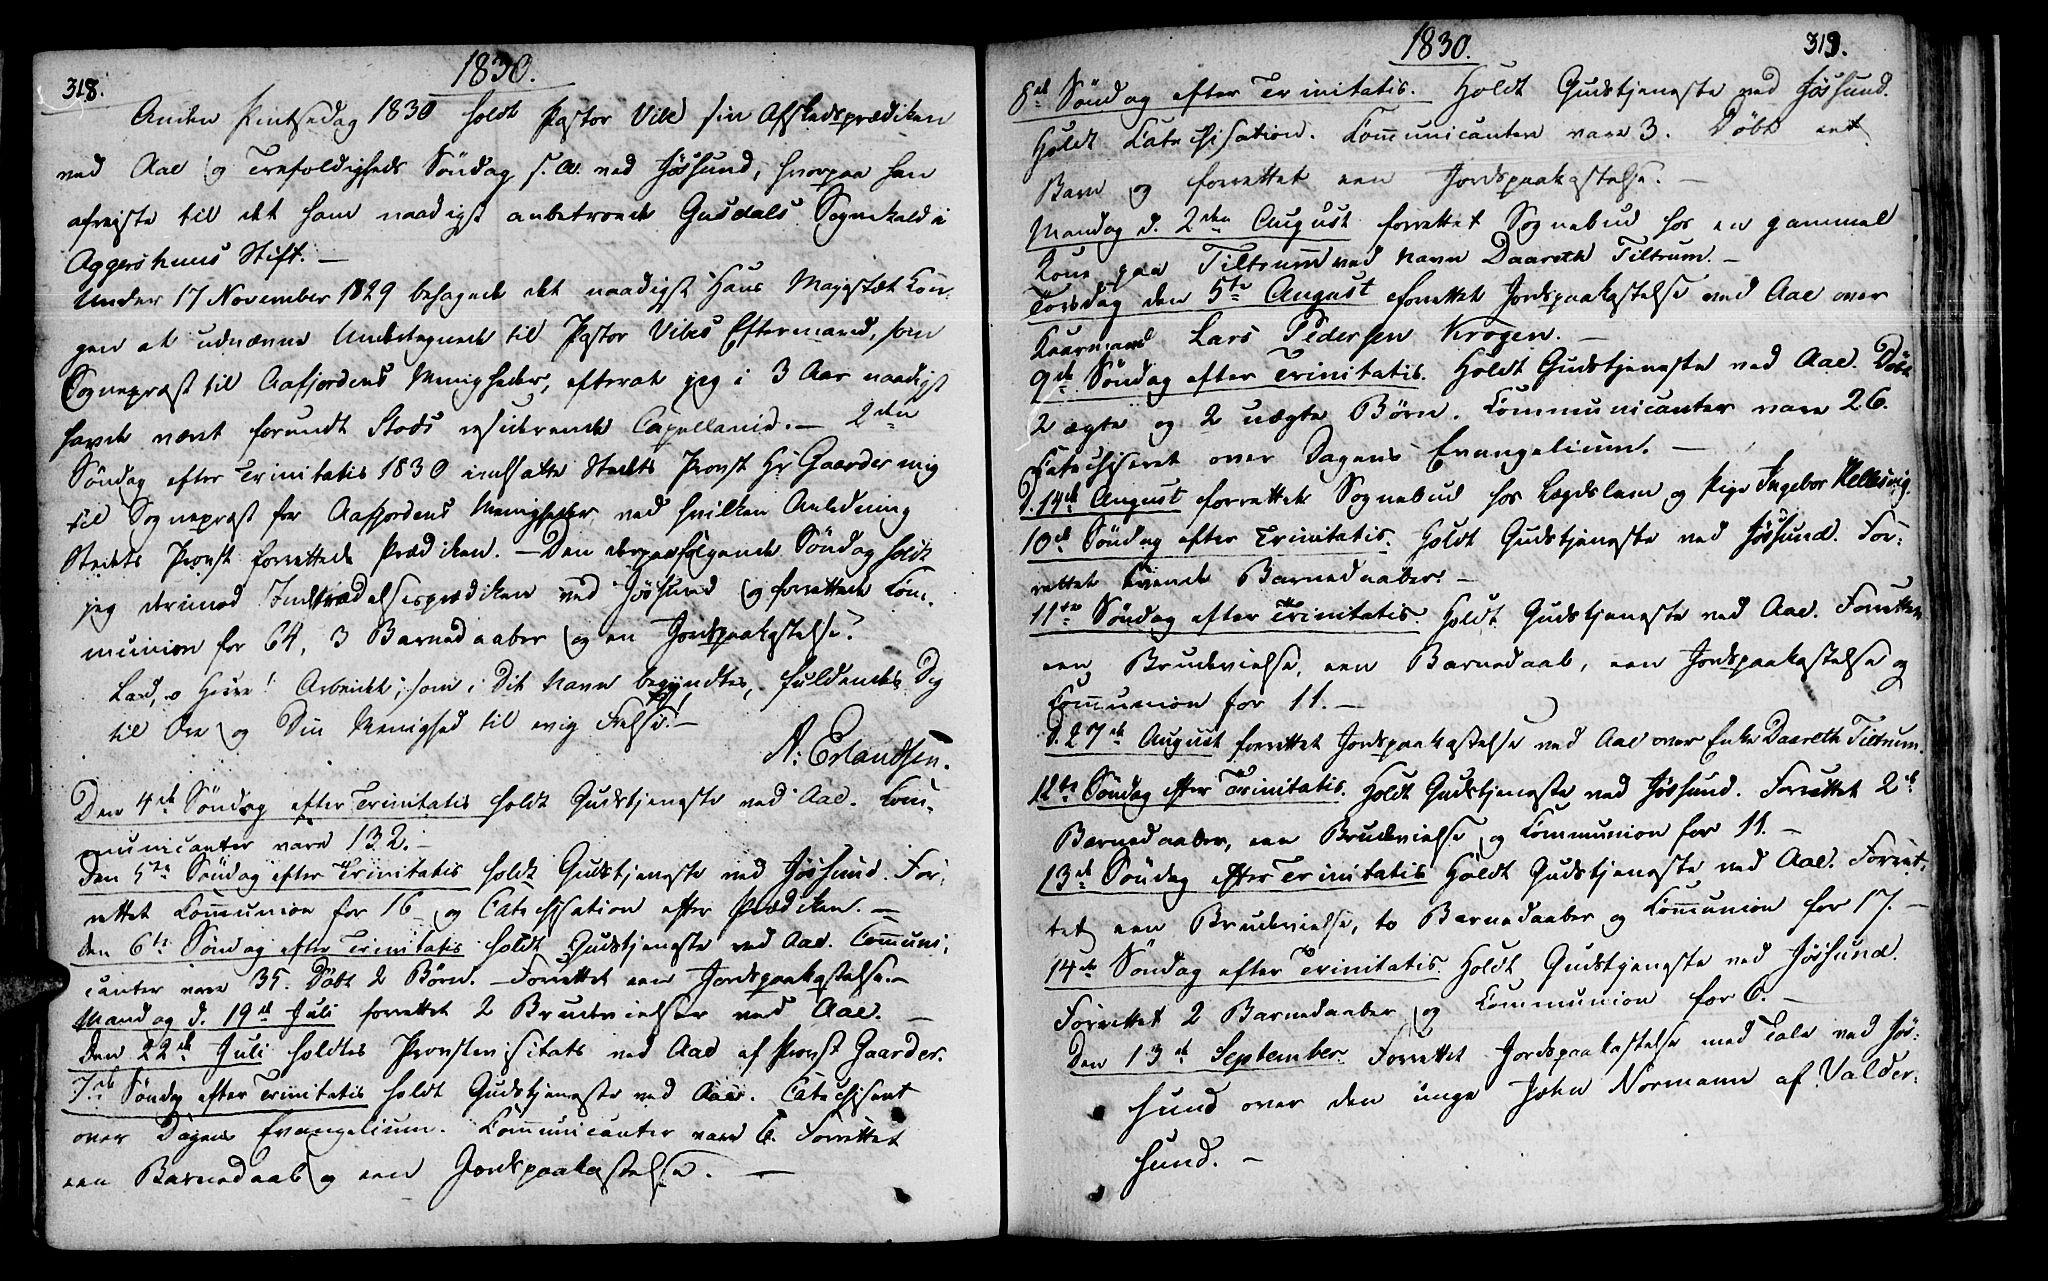 SAT, Ministerialprotokoller, klokkerbøker og fødselsregistre - Sør-Trøndelag, 655/L0674: Ministerialbok nr. 655A03, 1802-1826, s. 318-319